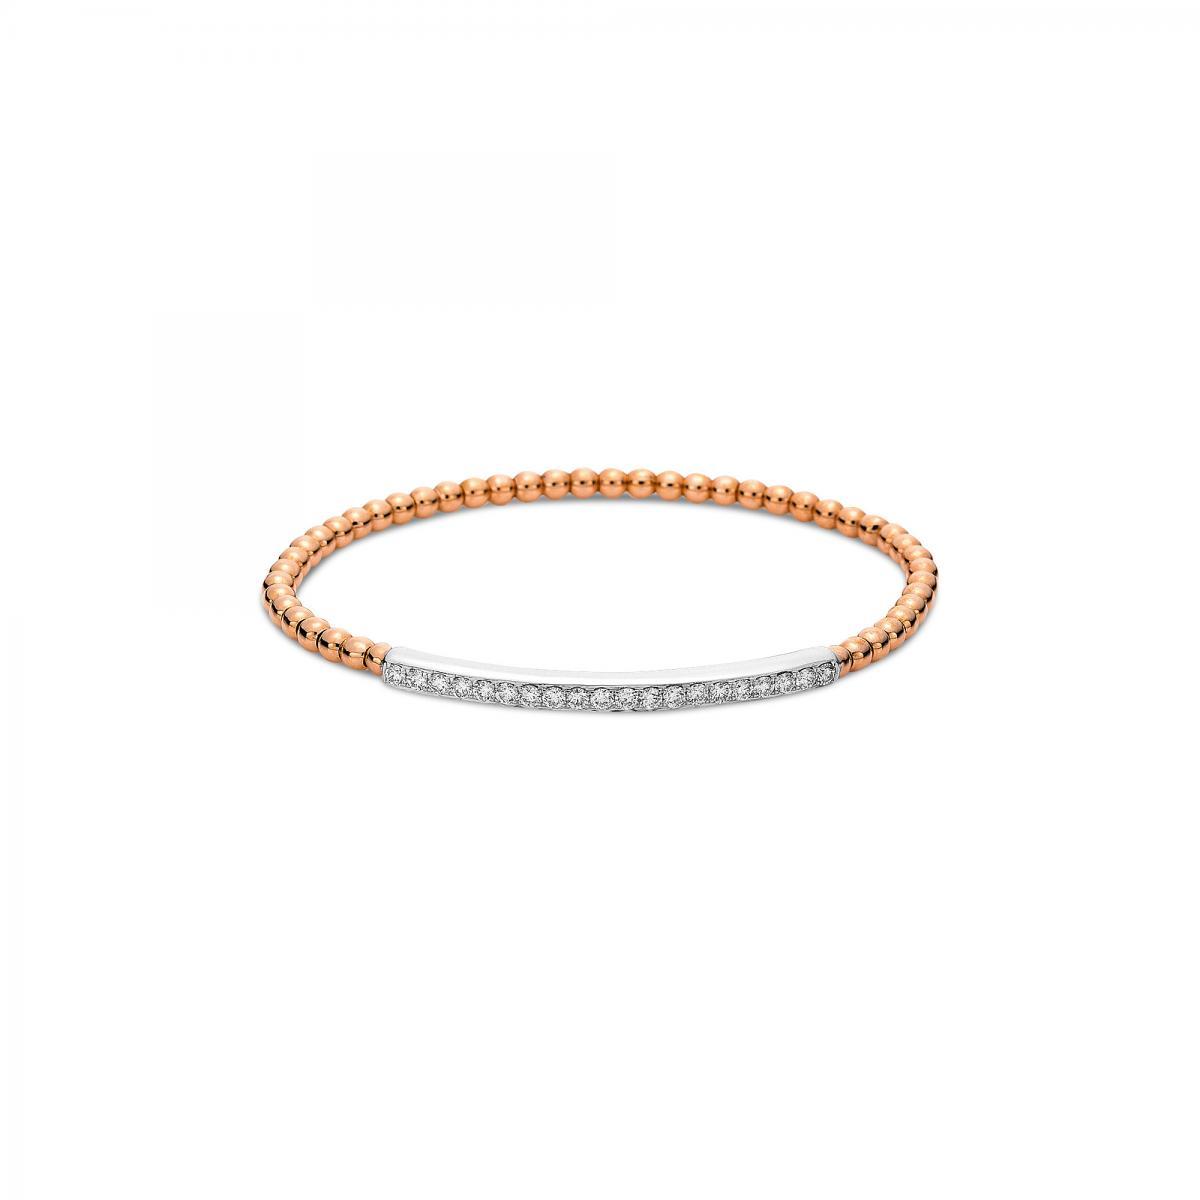 Armband 18 kt Rot-/Weißgold mit 20 Brillanten 0,61 ct